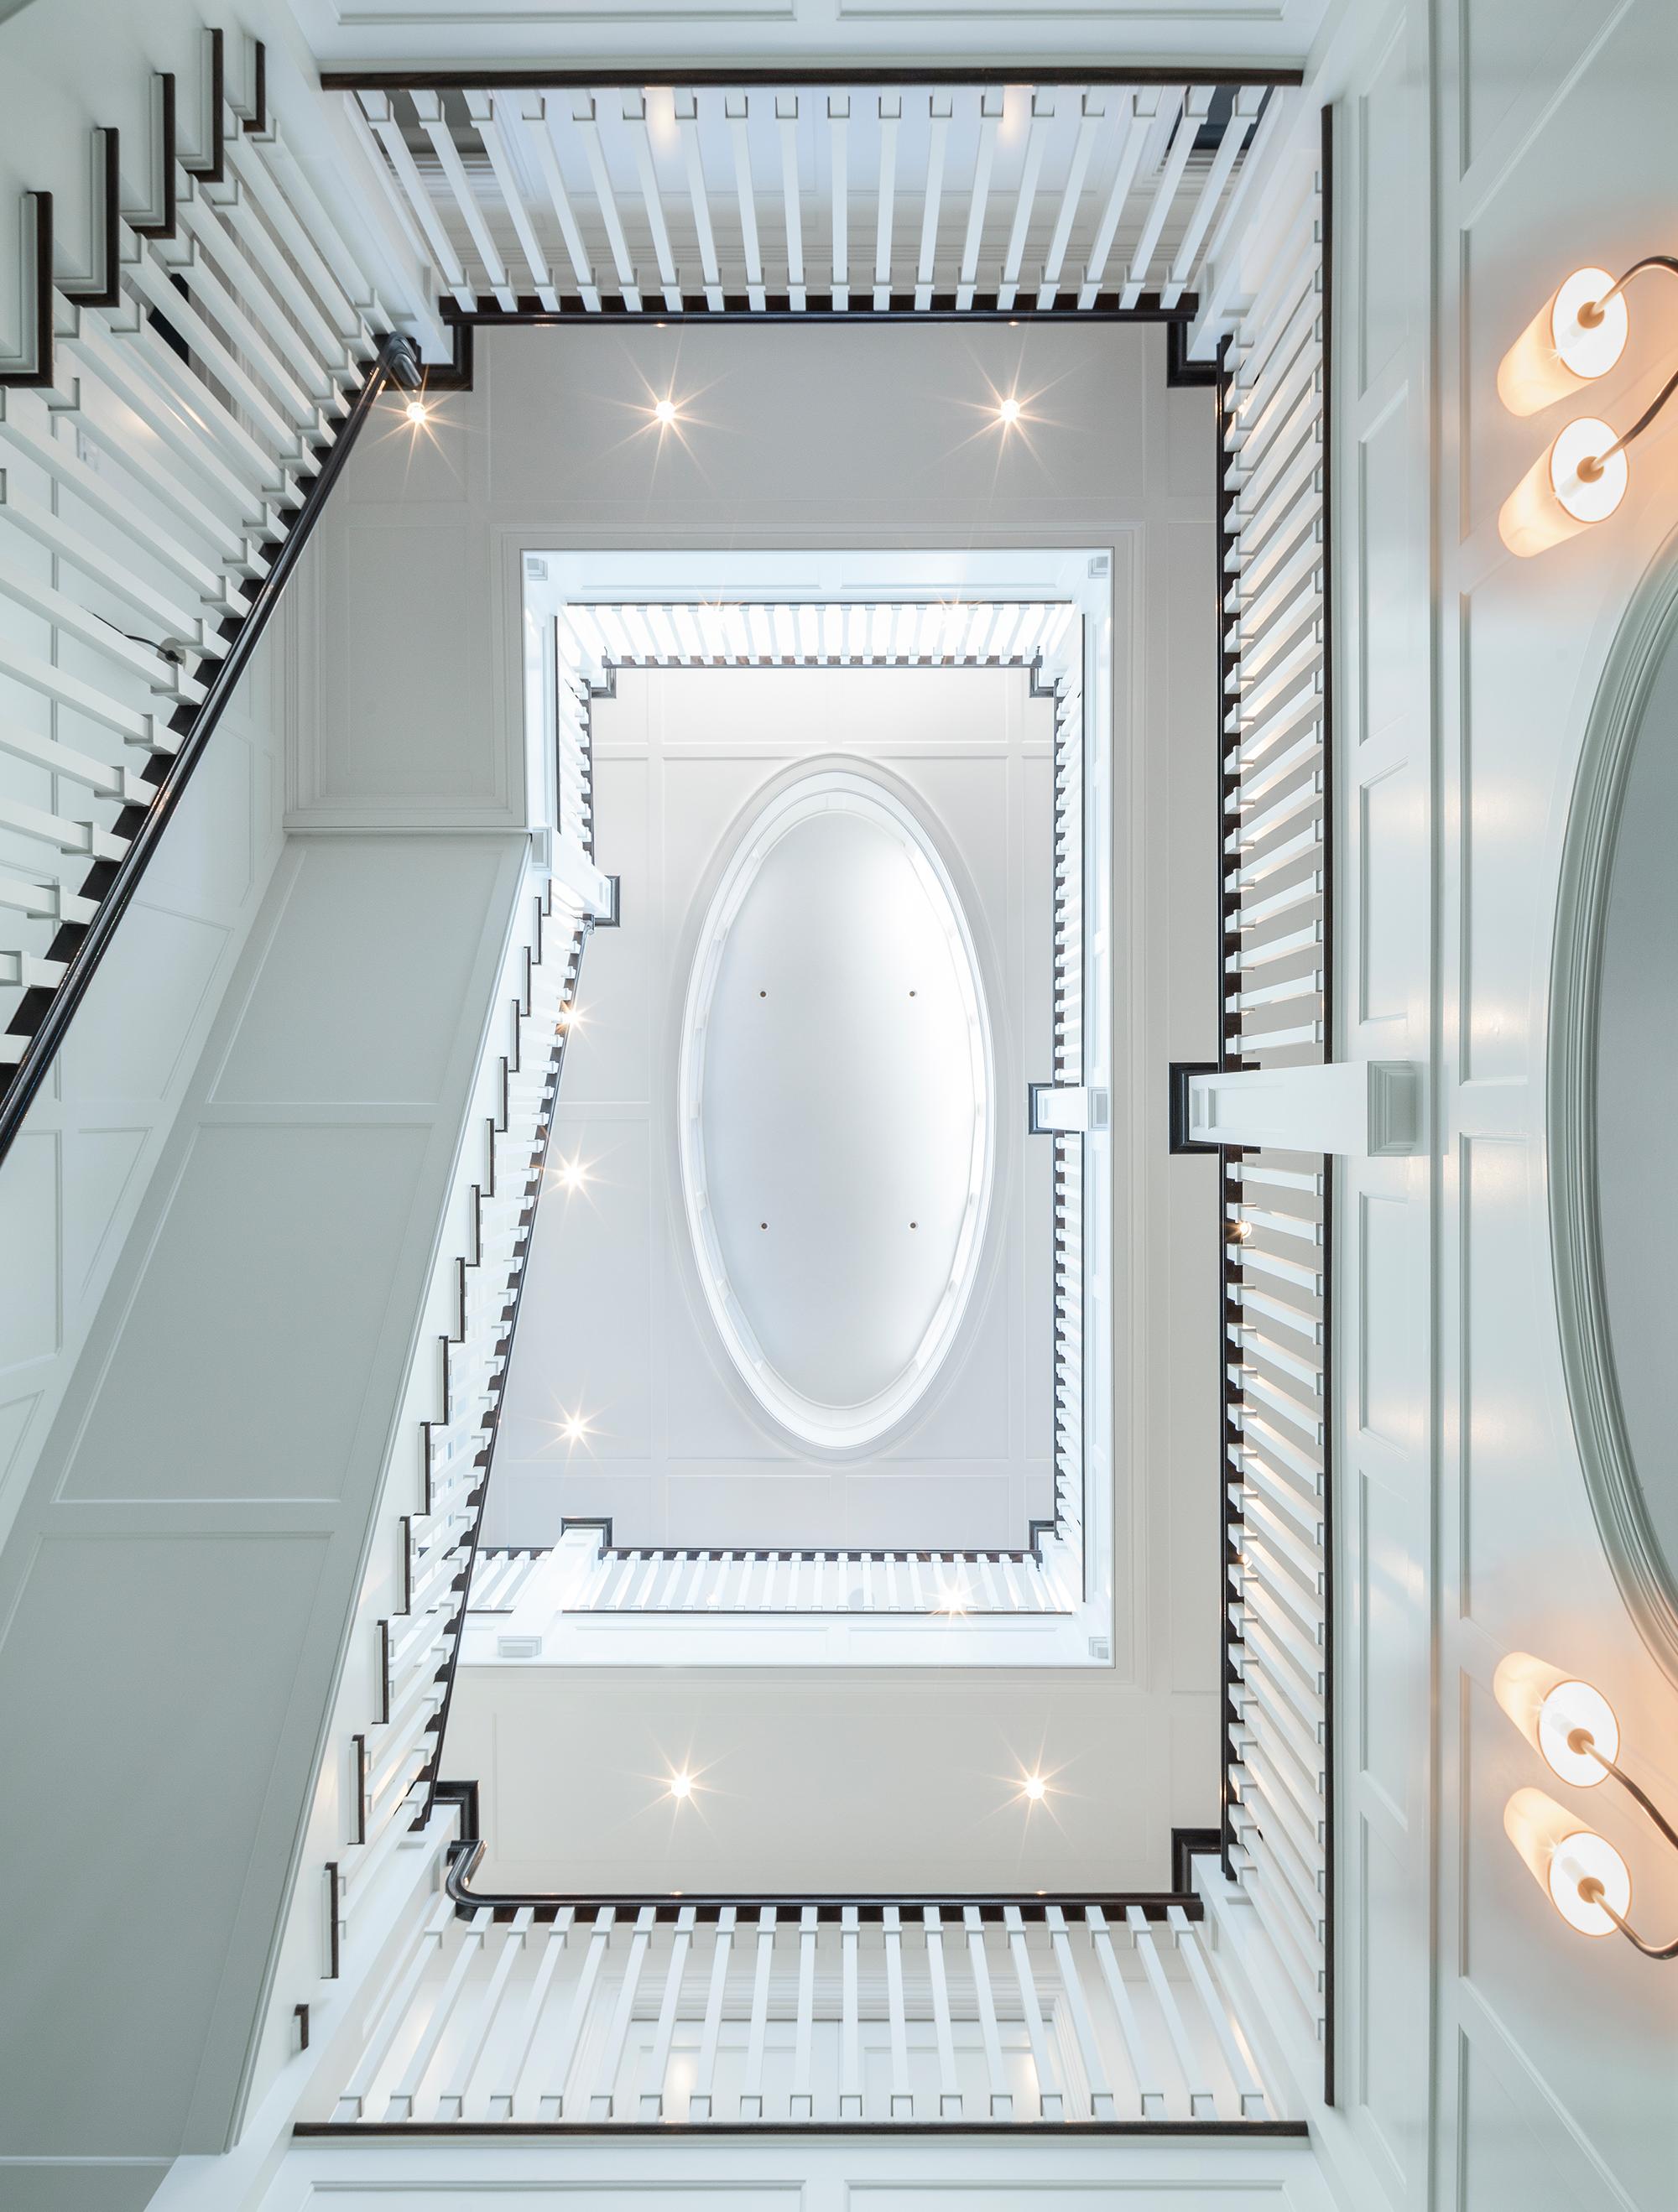 Two Floor Stairway Looking Up